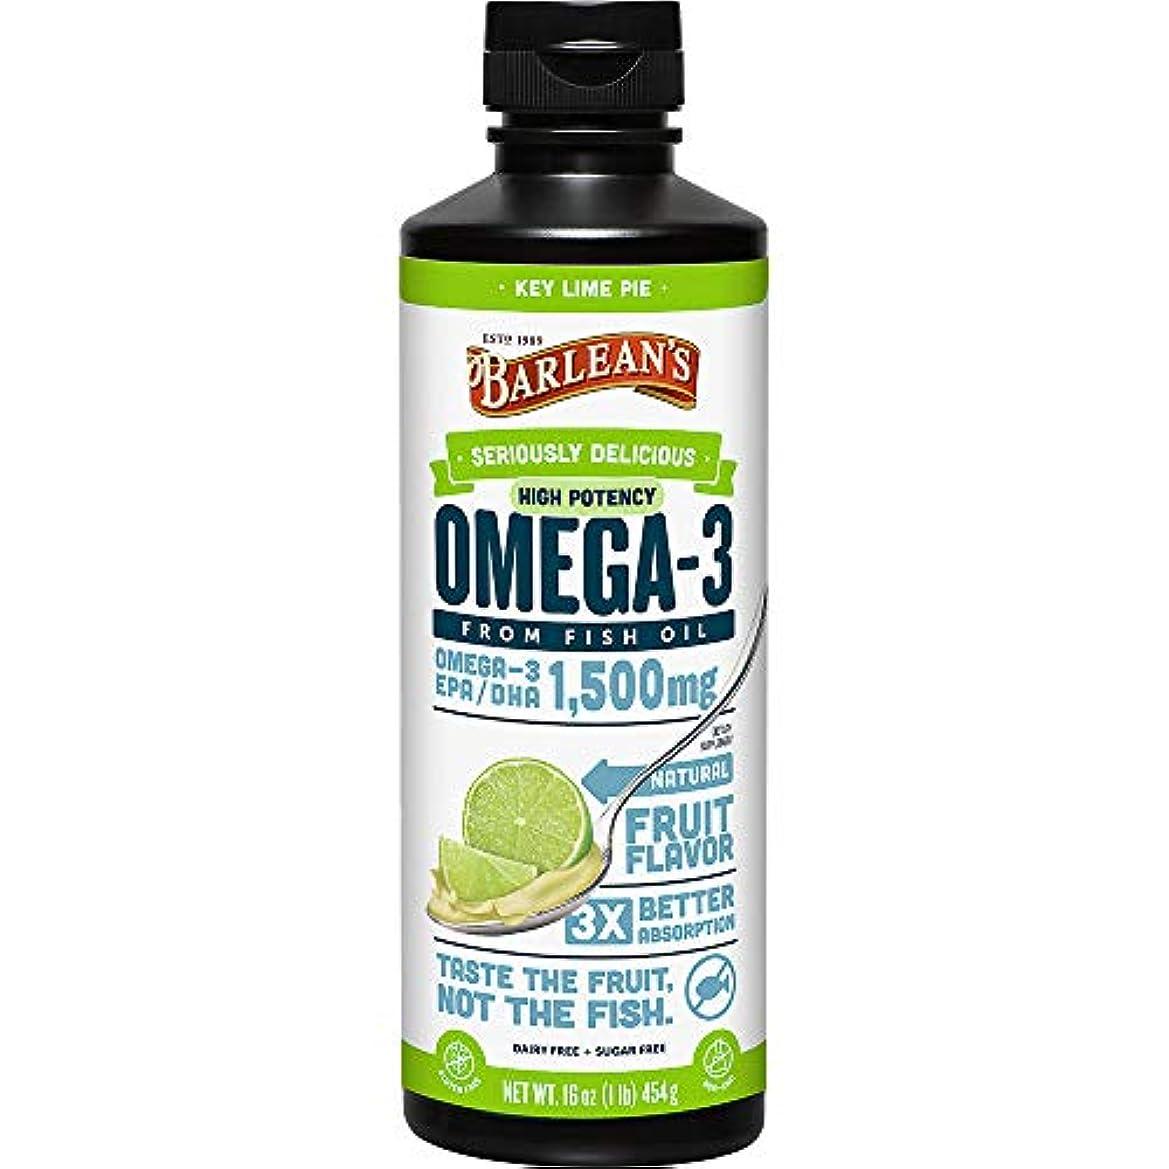 アリーナ浪費賭けBarlean's - Omegaの渦巻の魚オイルの超高い潜在的能力Key石灰 1500 mg。16ポンド